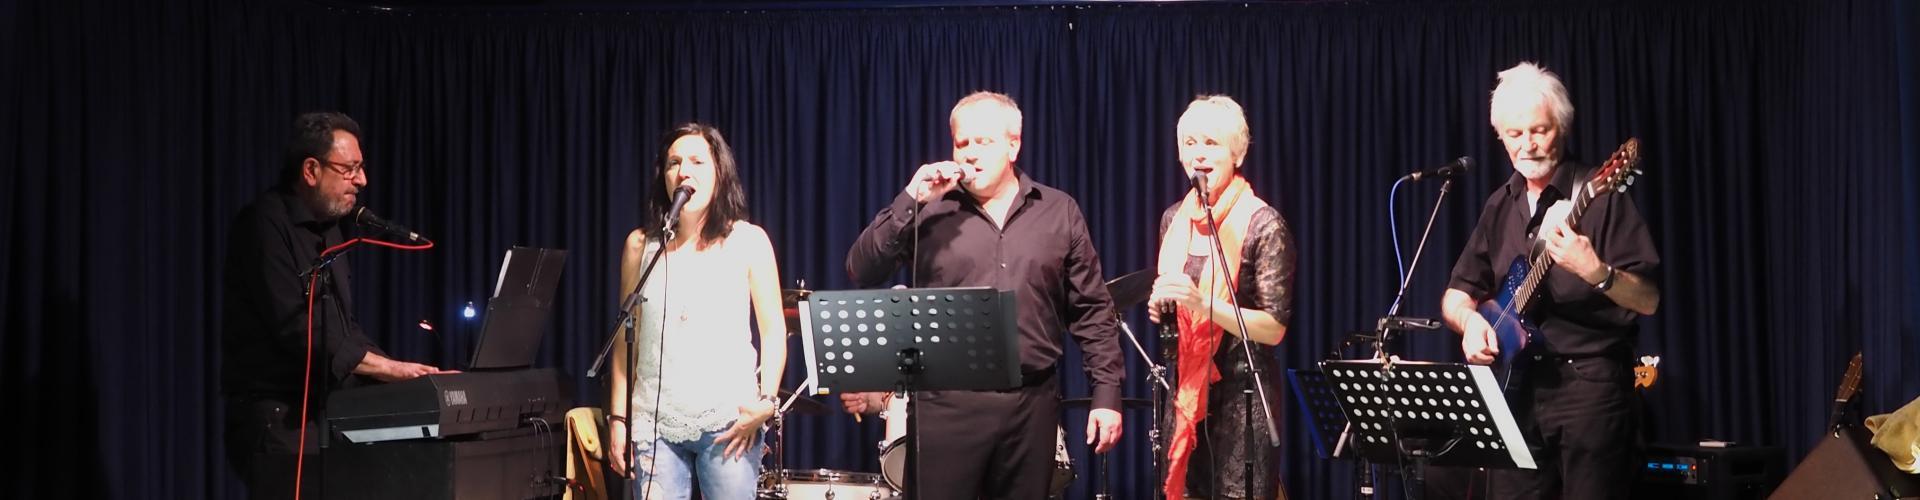 <p>Konzert im Mai 2016 in Graben</p>